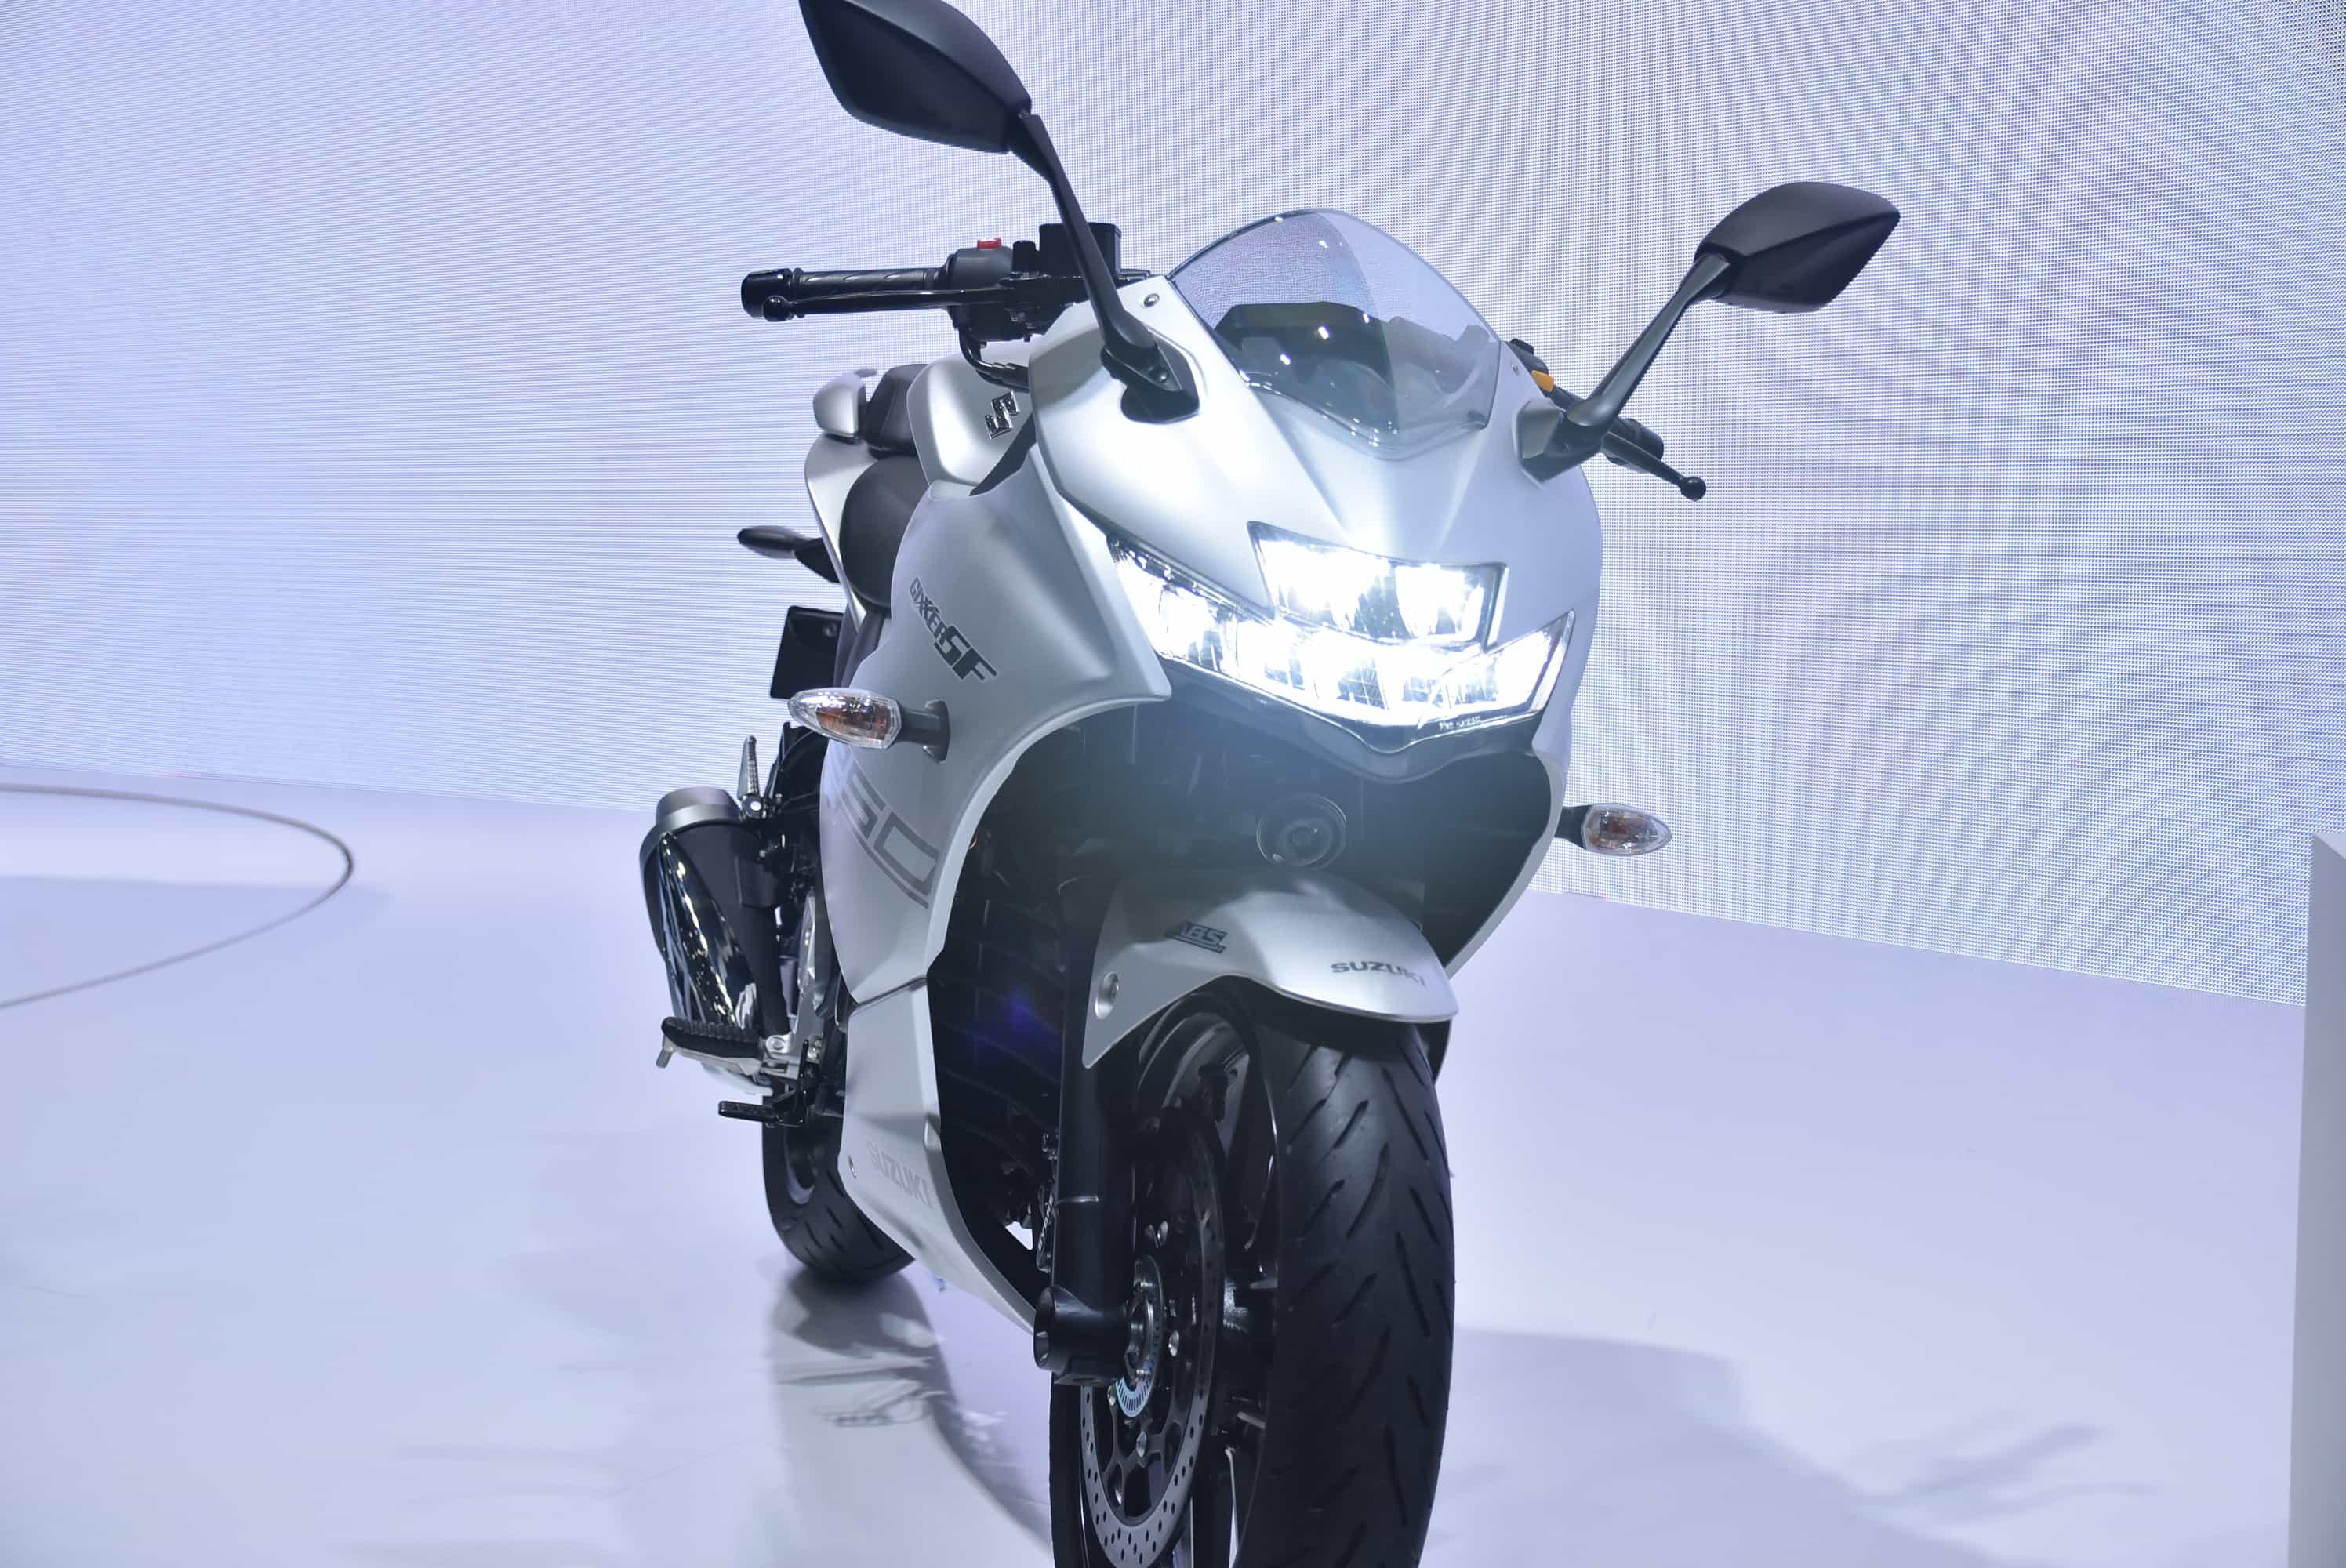 スズキ 東京モーターショーでジクサーSF250を発表